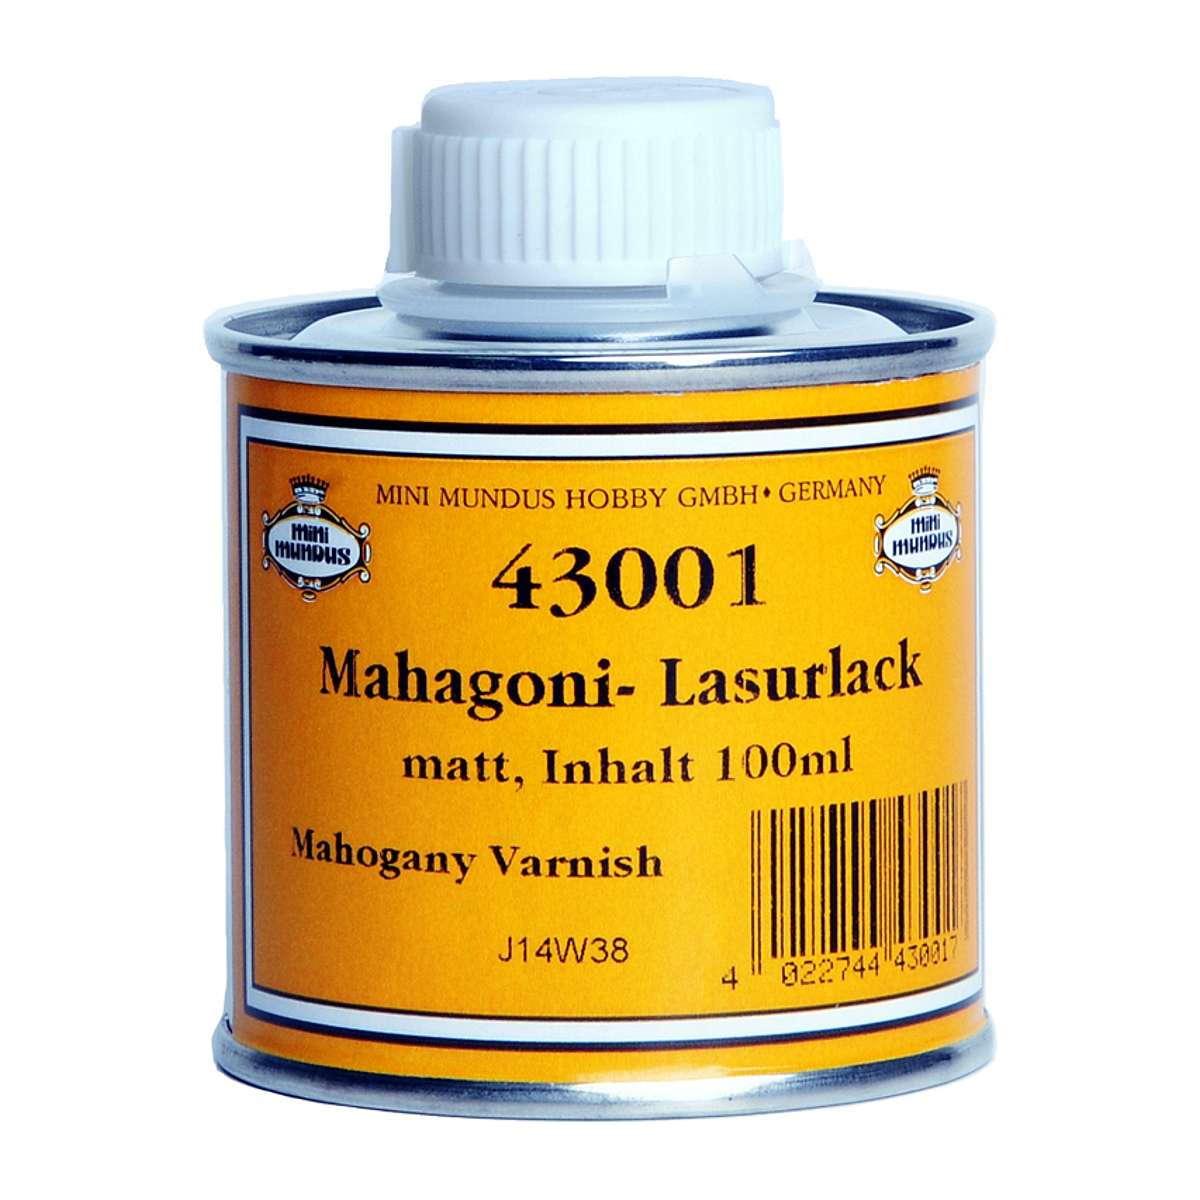 Mahogany varnish